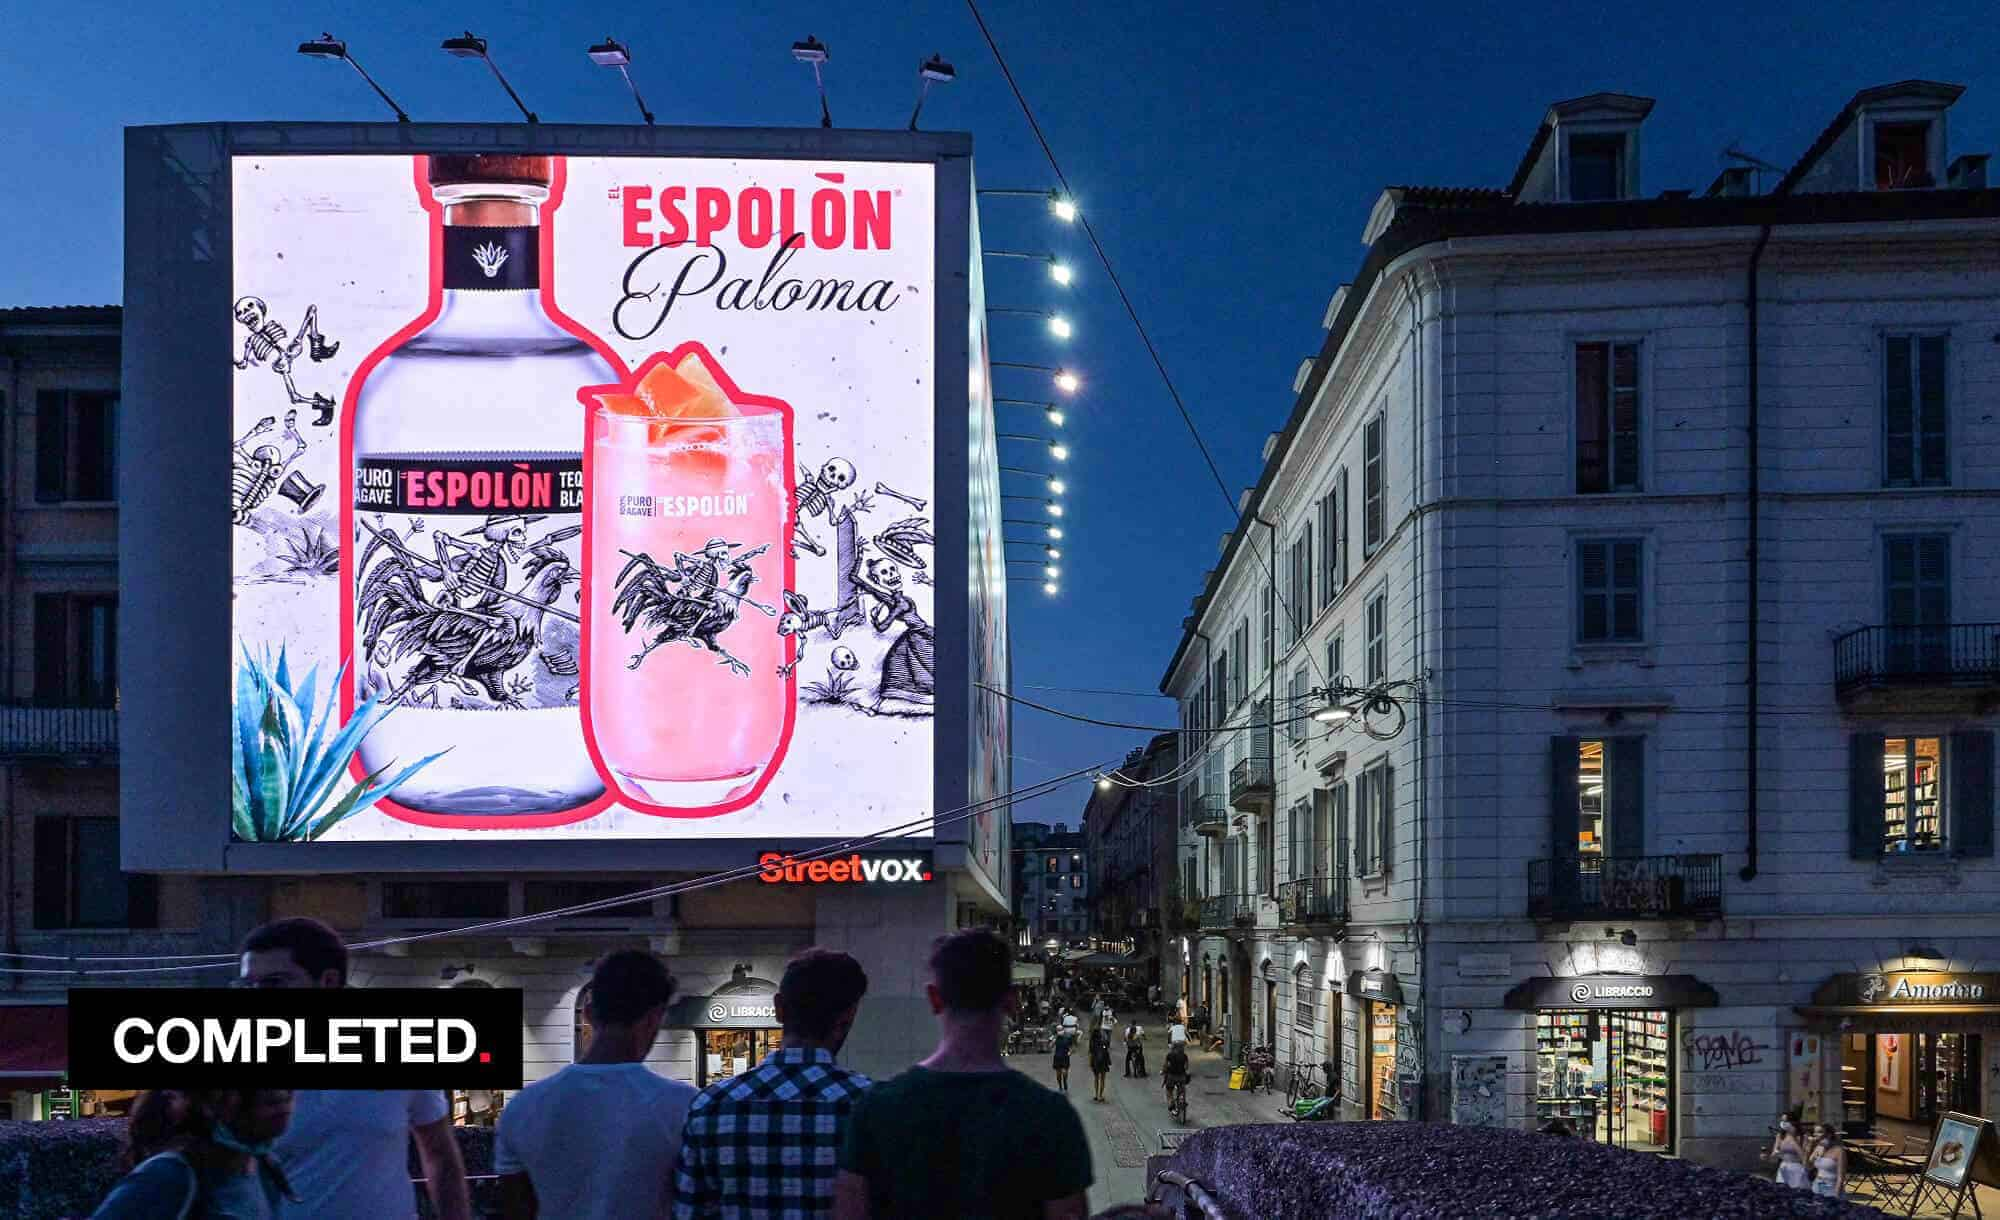 Maxi Affissione Streetvox in Via Corsico 12 sui Navigli a Milano con Espolon Tequila (beverage)